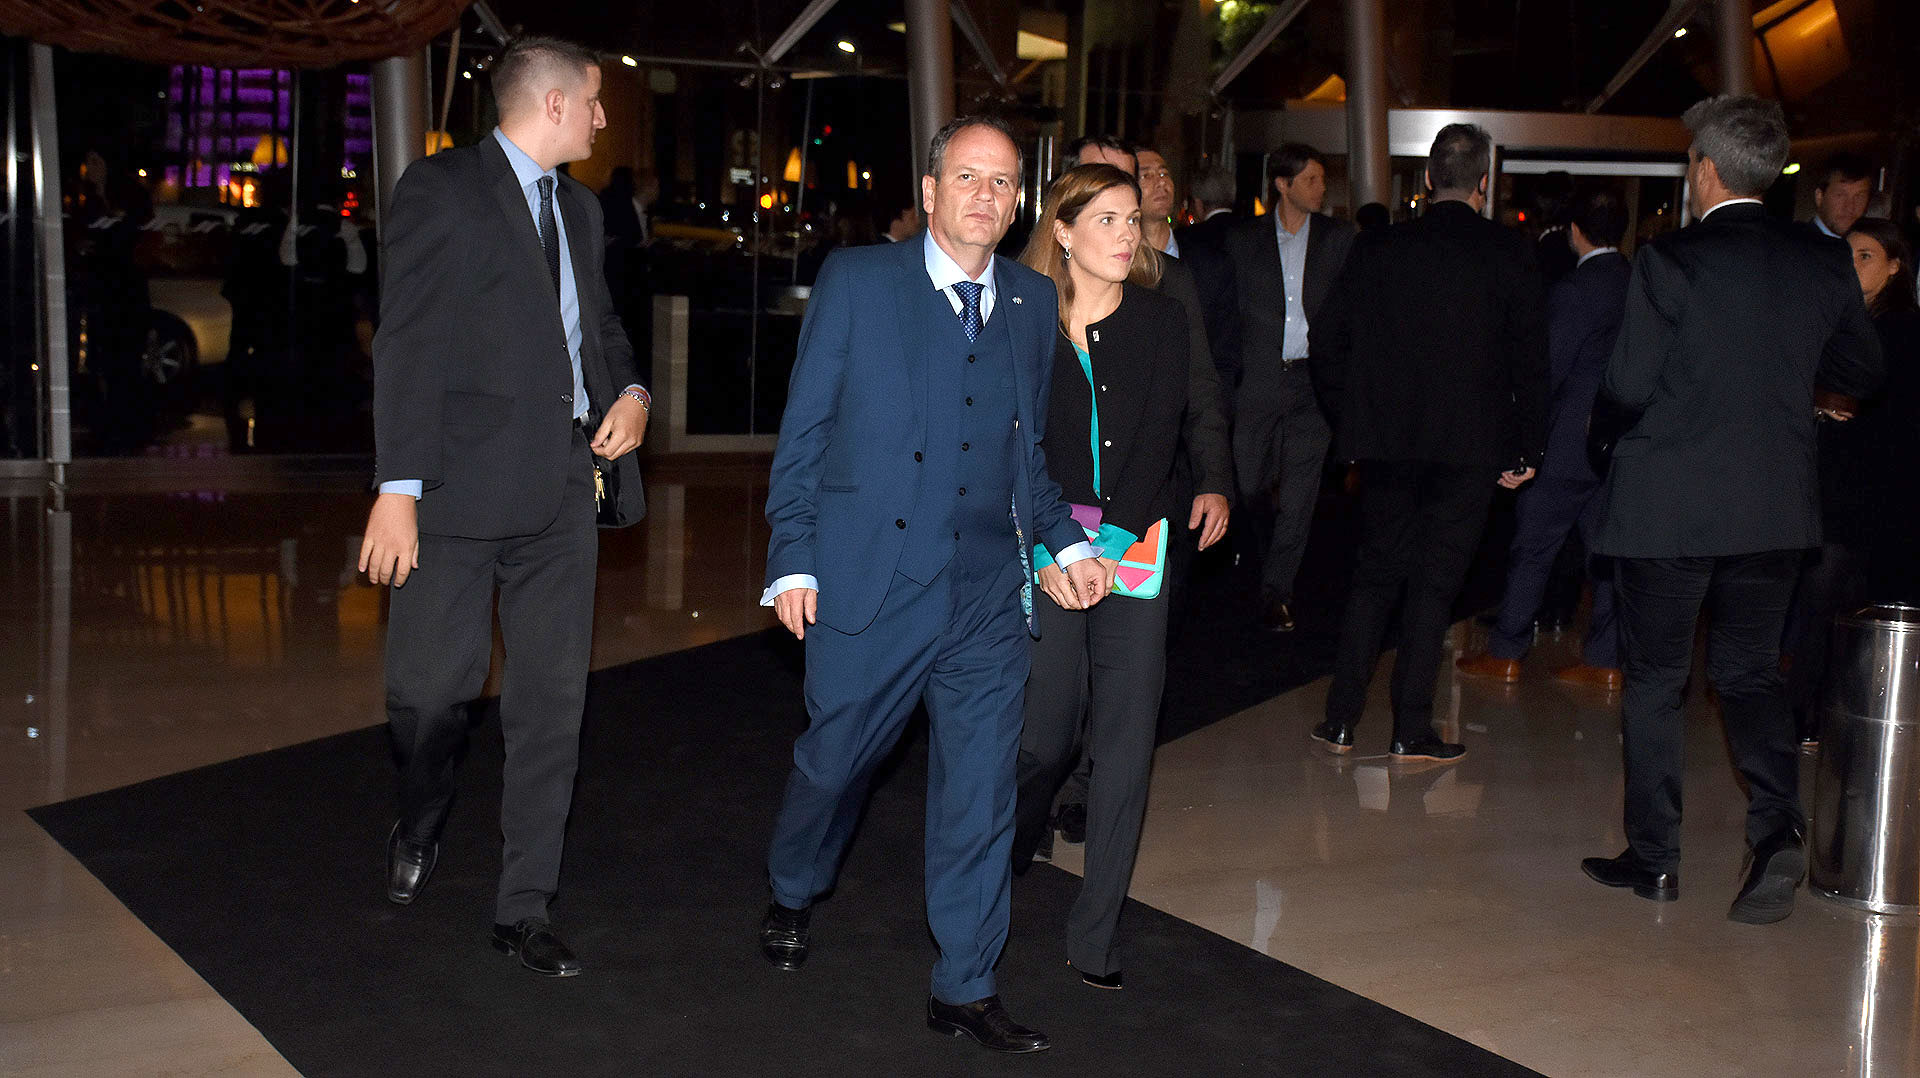 Ilan Sztulman, embajador de Israel en la Argentina, y su esposa Jaqueline Sztulman